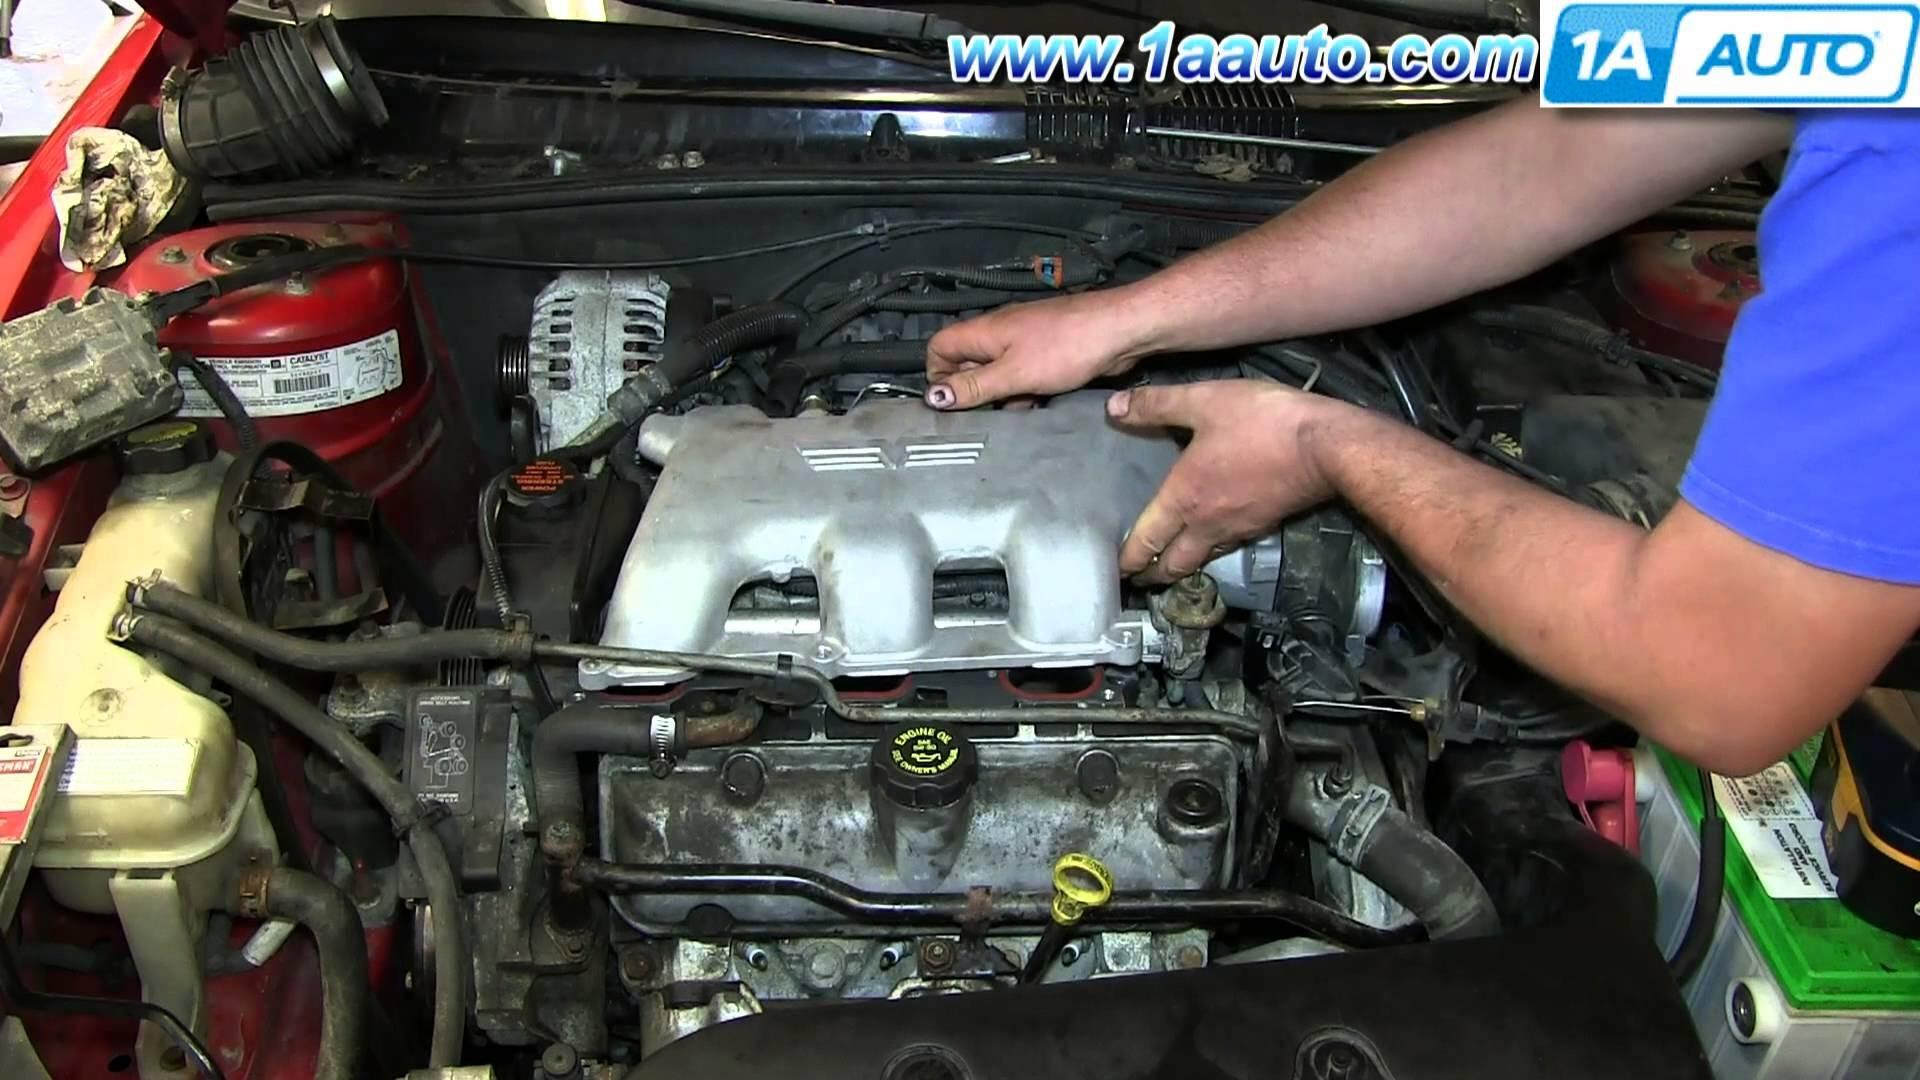 2001 Pontiac Aztek Engine Diagram How to Install Replace Fuel Injector Gm 3 4l V6 Pontiac Grand Am Of 2001 Pontiac Aztek Engine Diagram